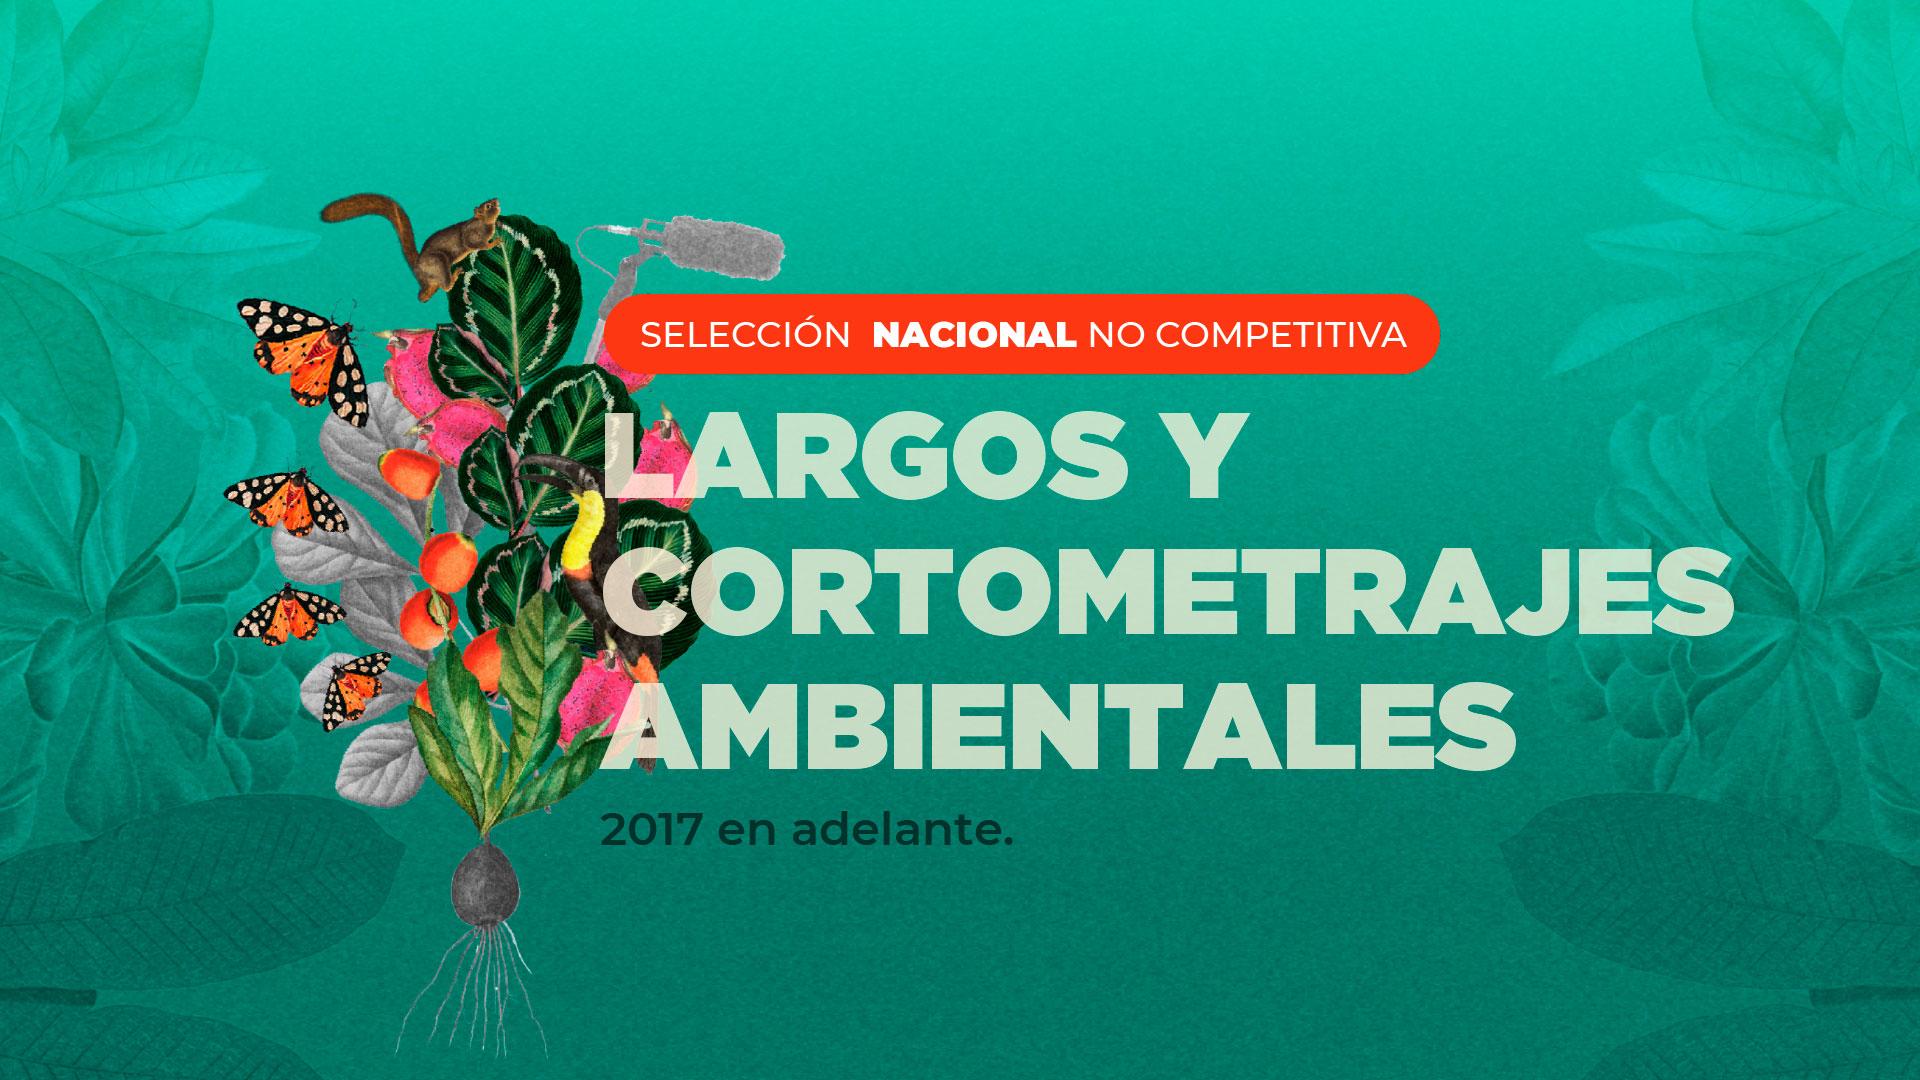 Selección Nacional No Competitiva 2021